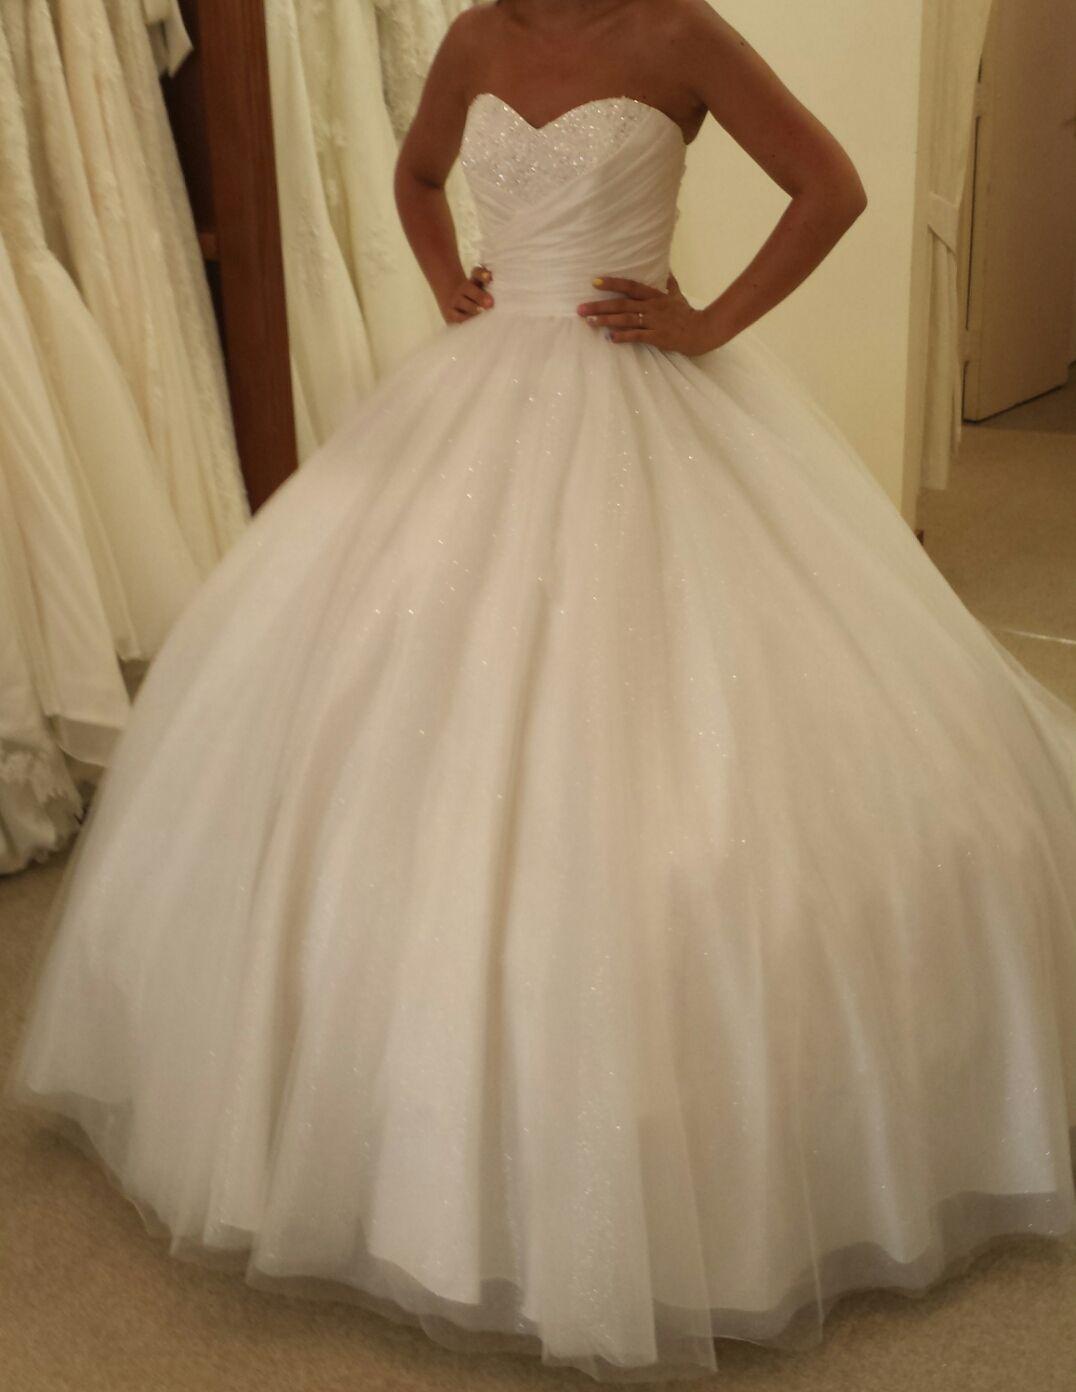 poofy wedding dresses | My big poofy alfred angelo cinderella 205 ...